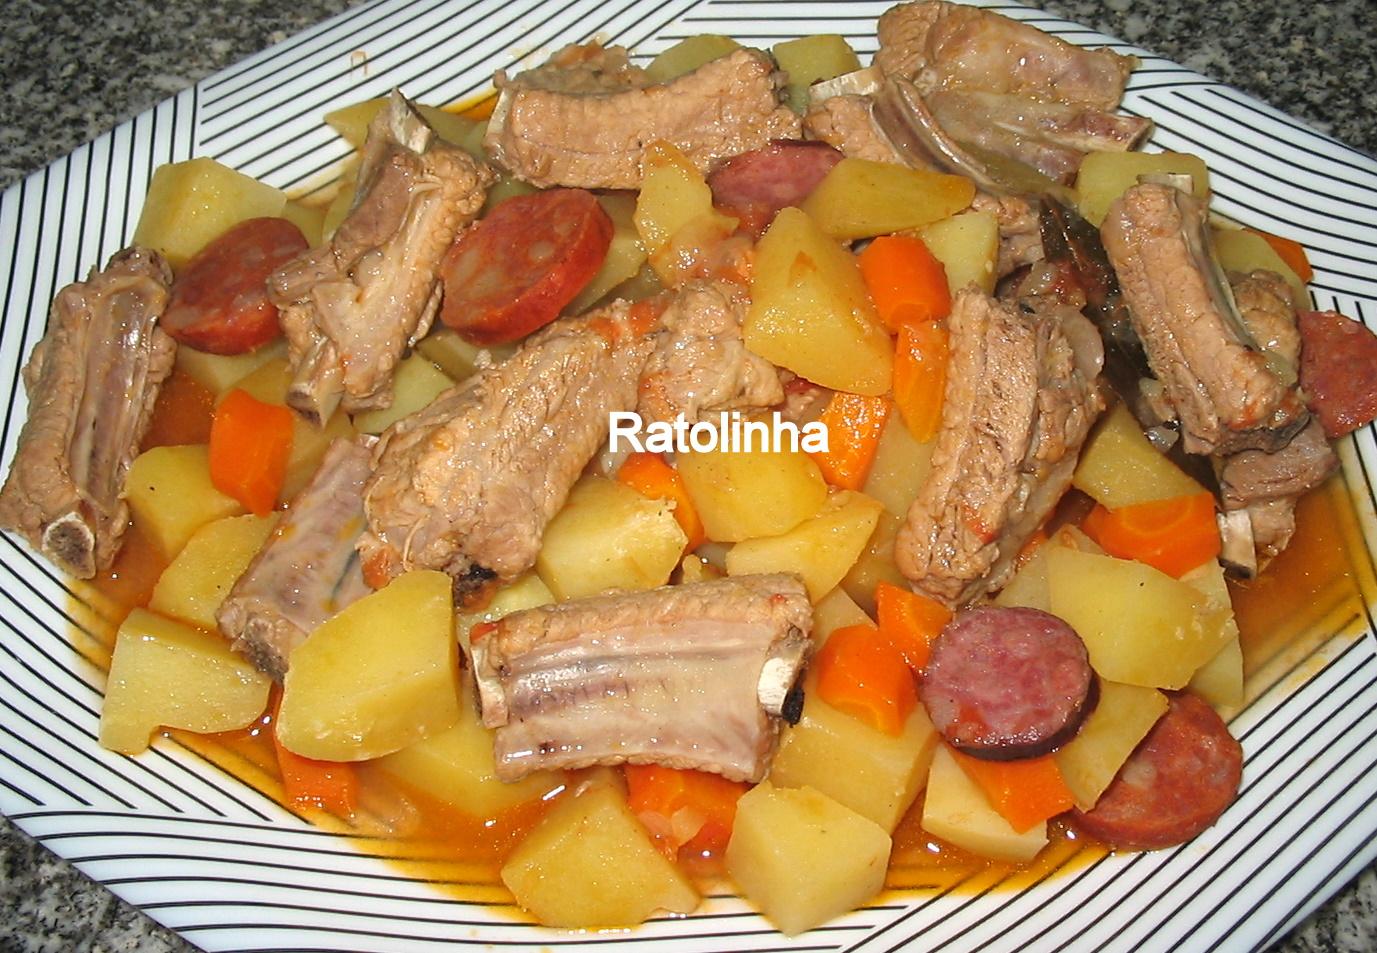 Ratolinha Receitas de Culinária Hobbies: Ponto de cruz Fotos  #BD470E 1377 953